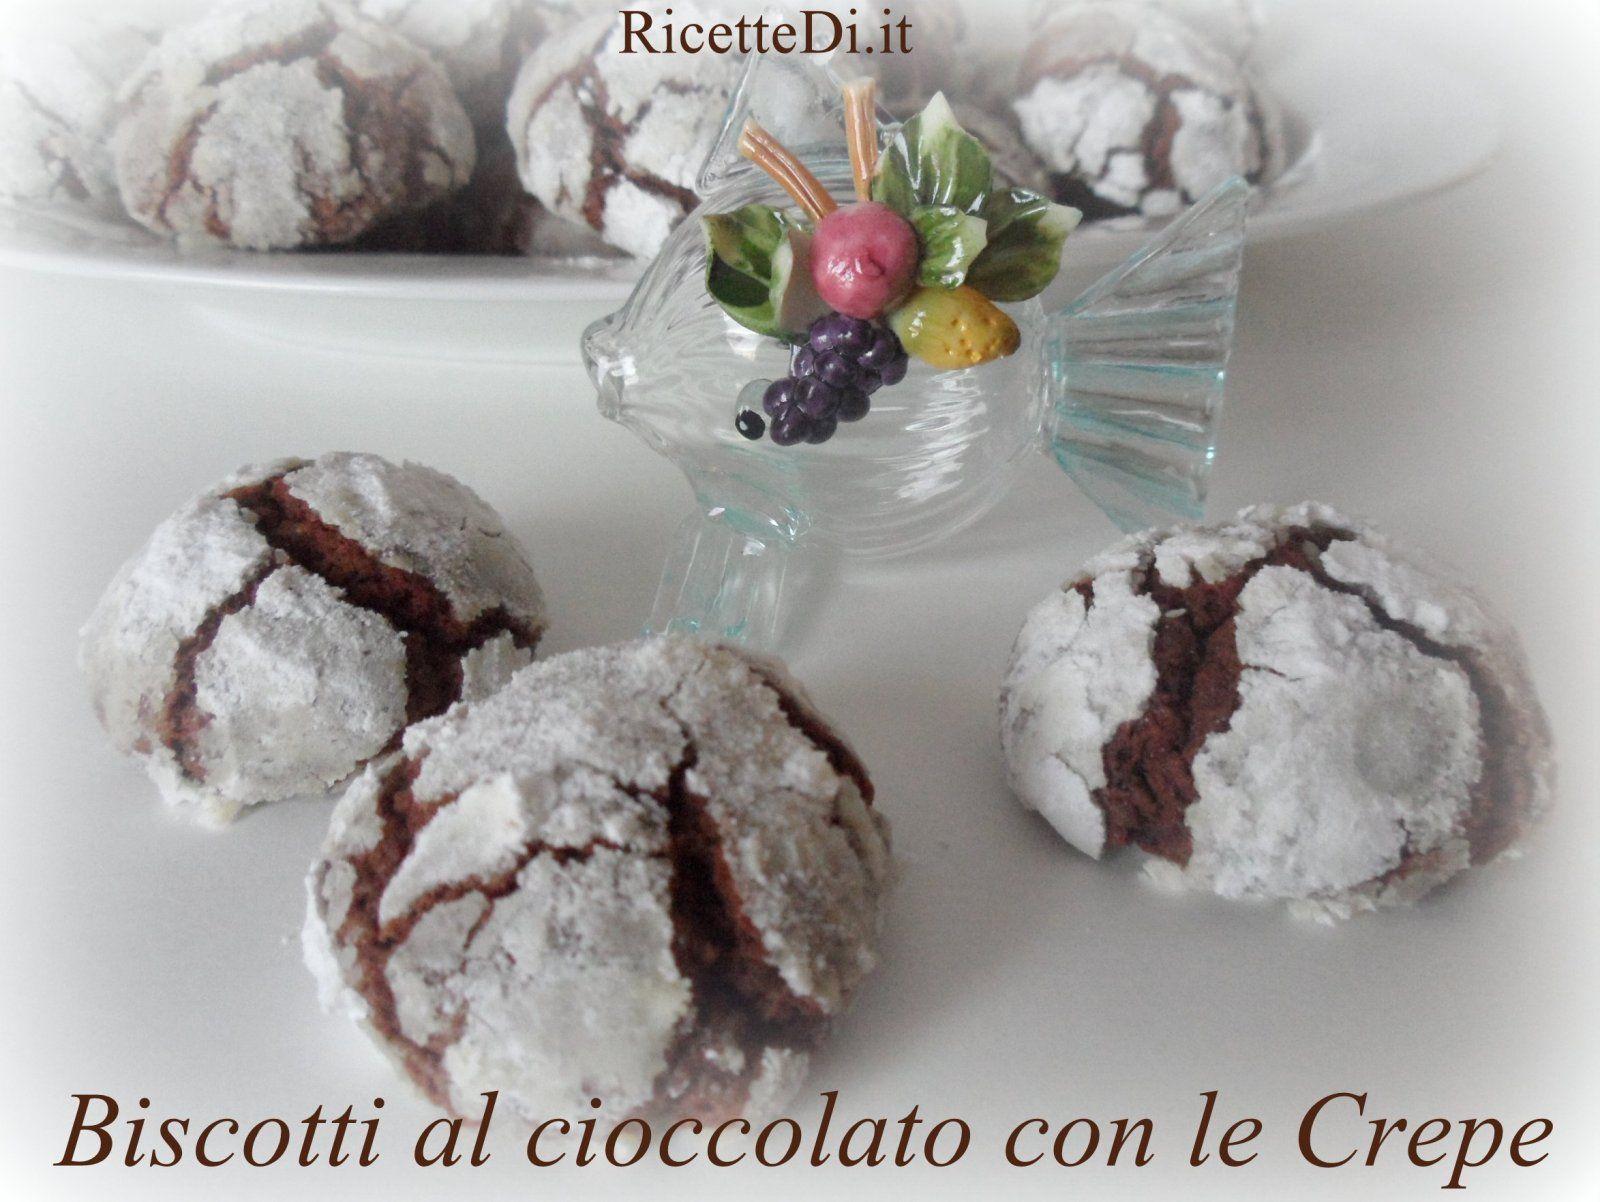 Biscotti al cioccolato con le crepe. Facili da preparare, sono sempre un successone. Di seguito vi presentiamo la ricetta con la dose per circa 50 biscotti